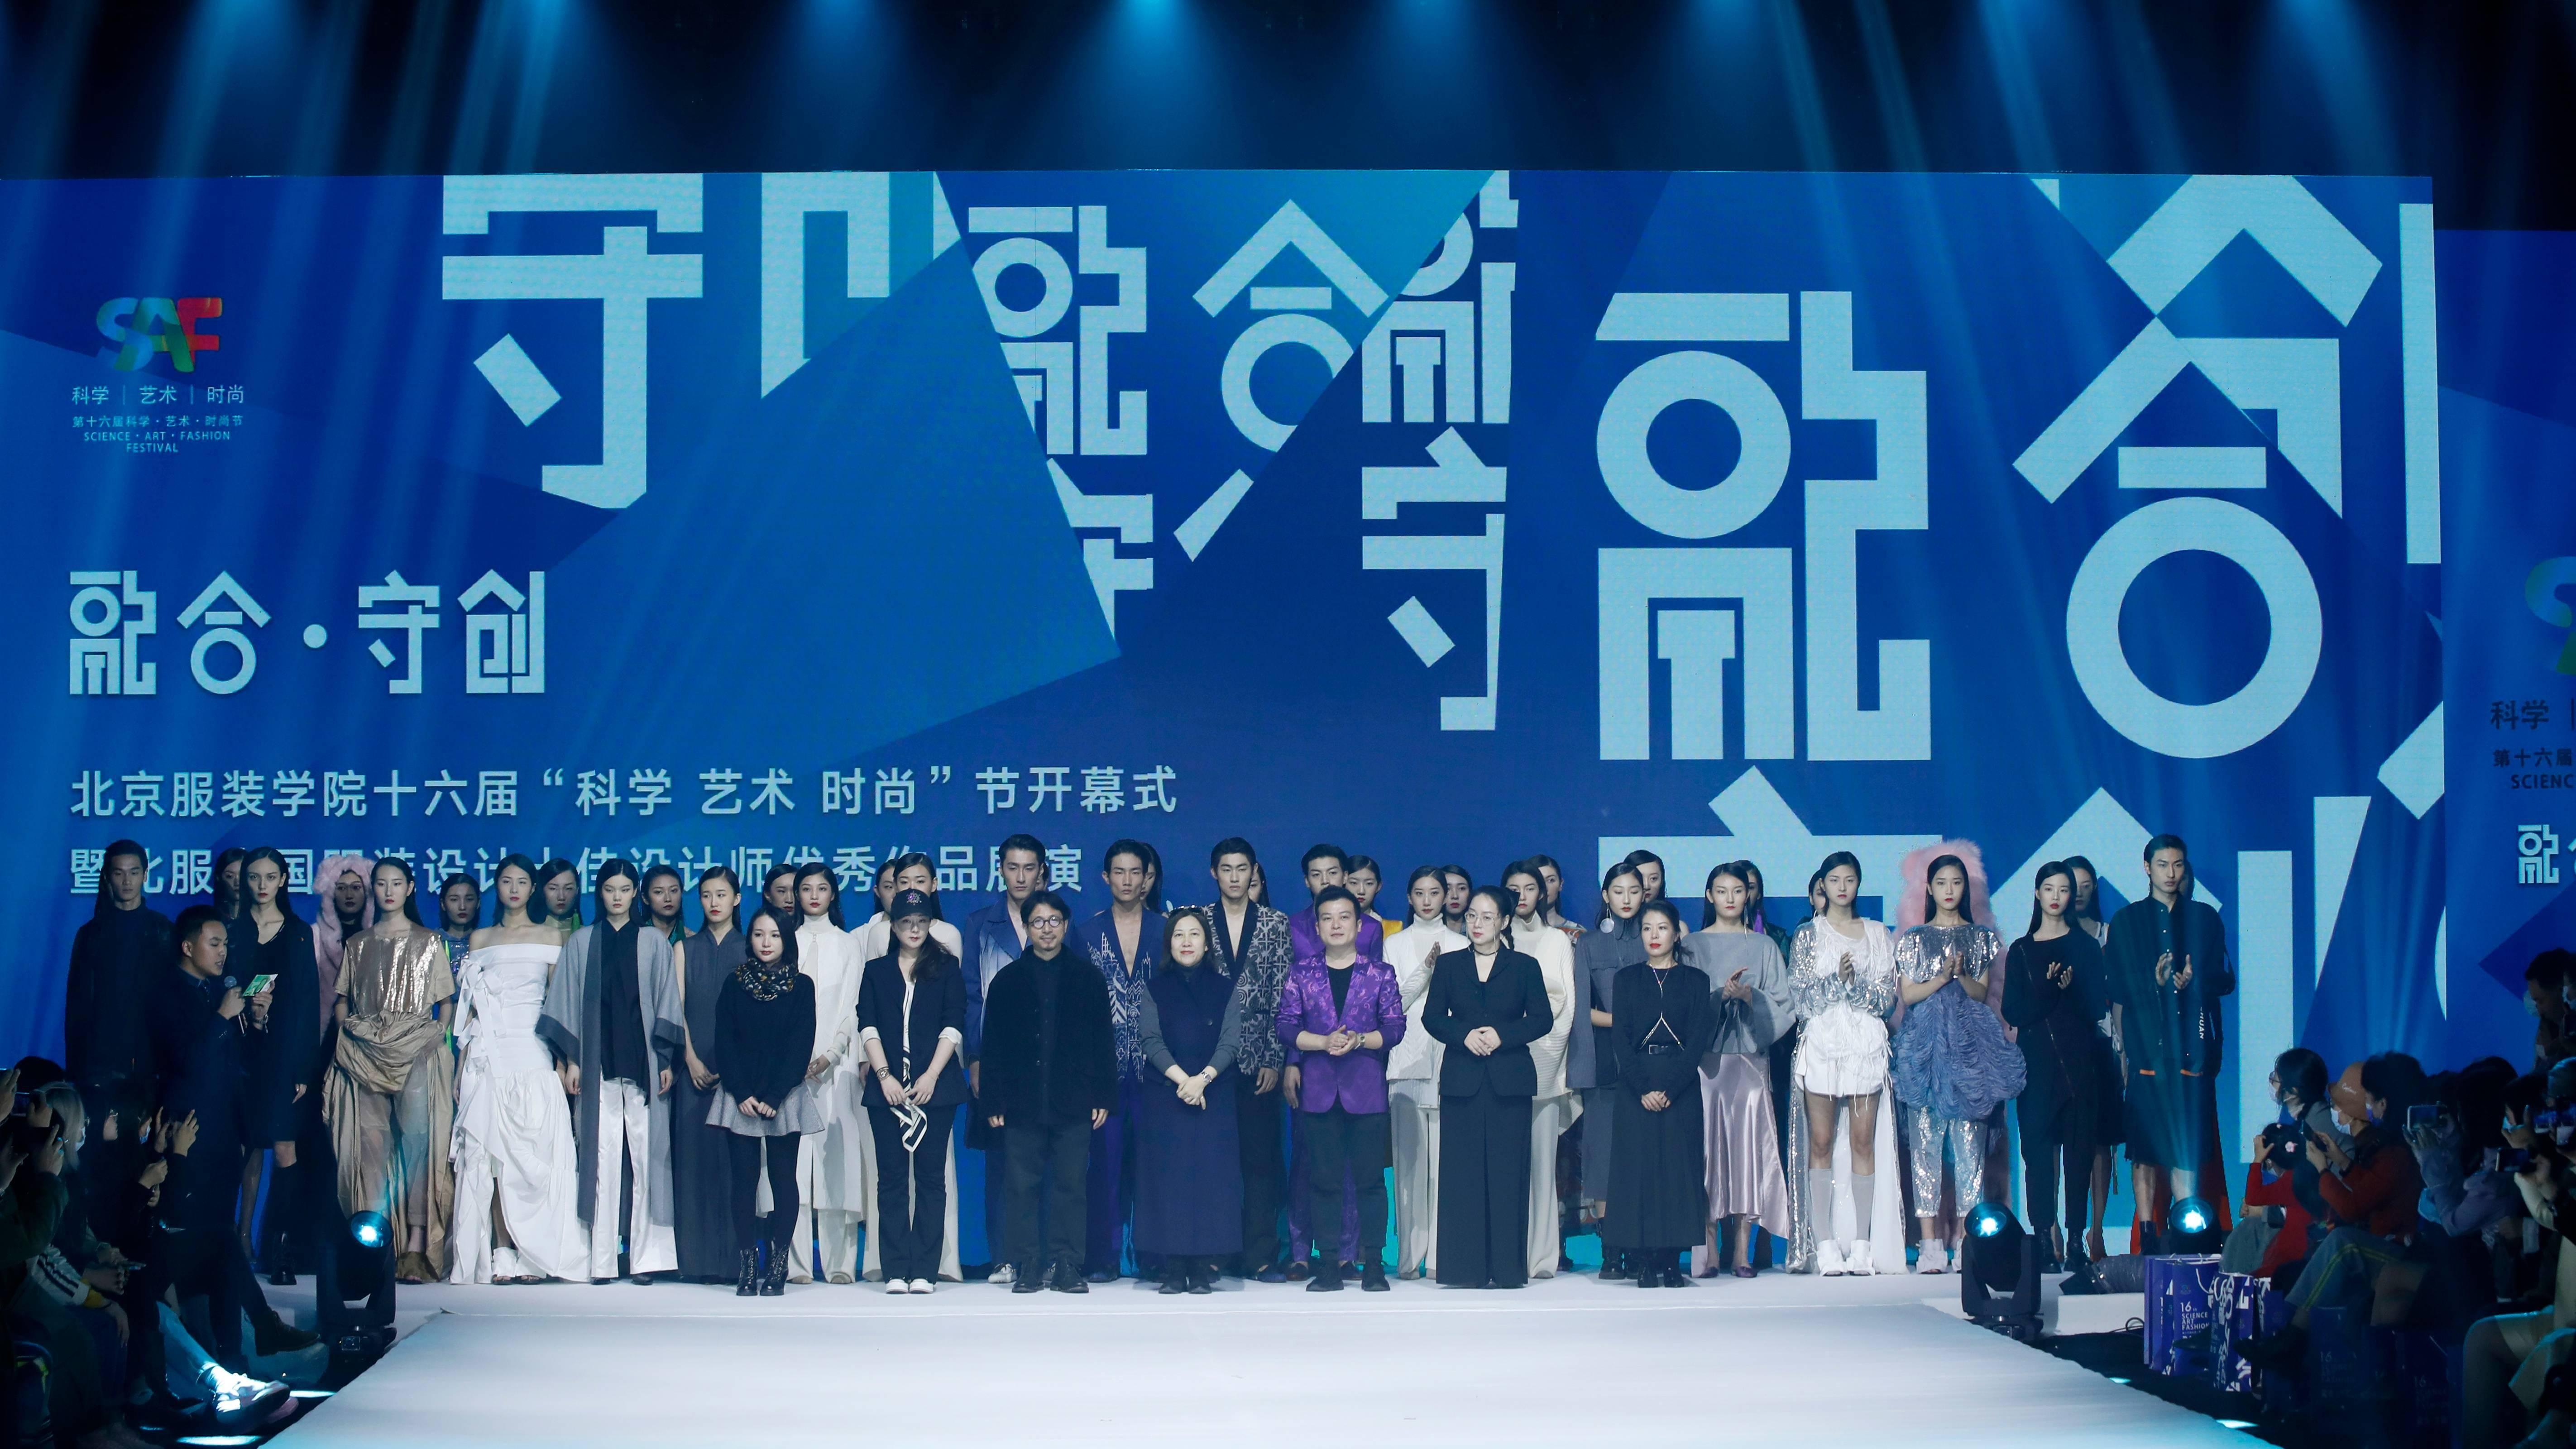 """第十六届""""科学·艺术·时尚""""节开幕式在北京服装学院举行"""